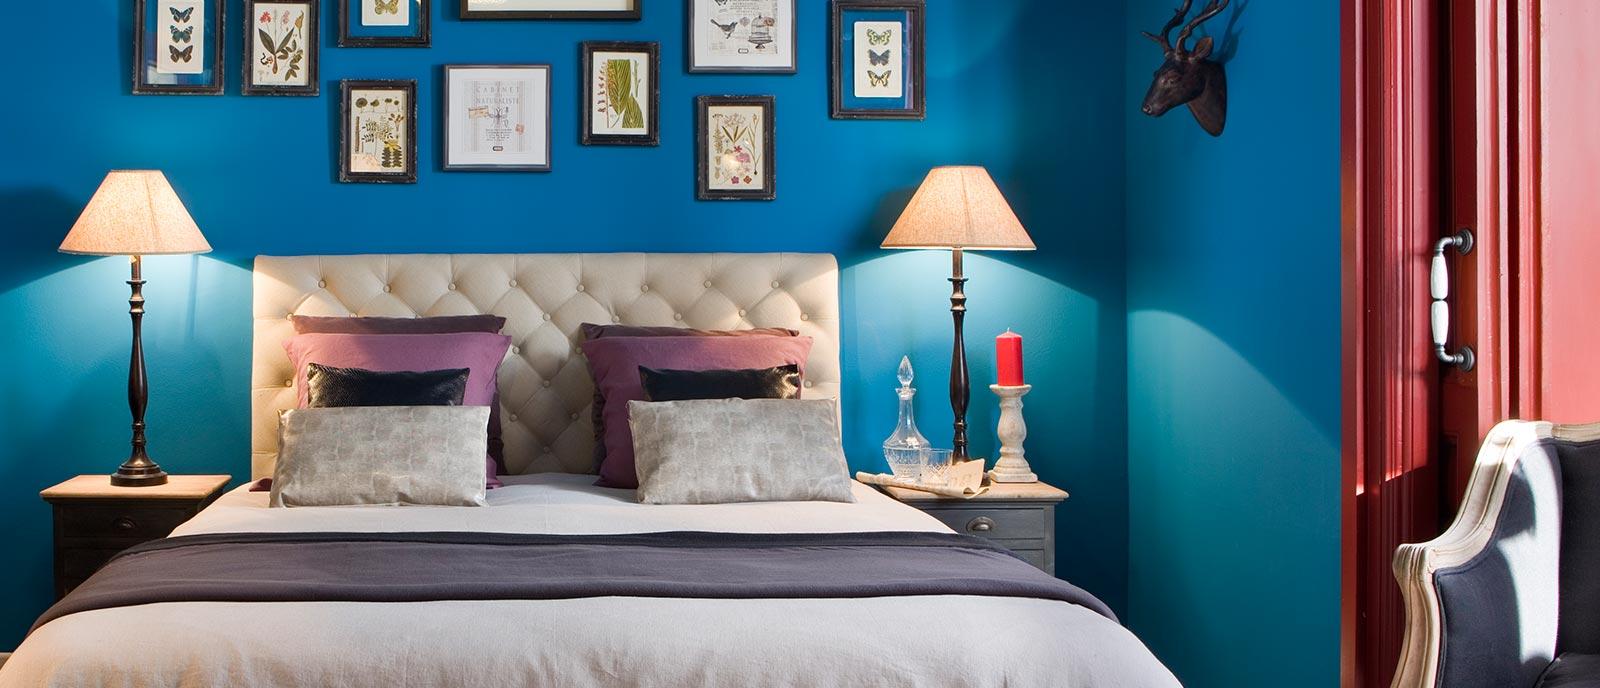 Dormitorio Maisons du Monde – «Ventana abierta a la decoración»